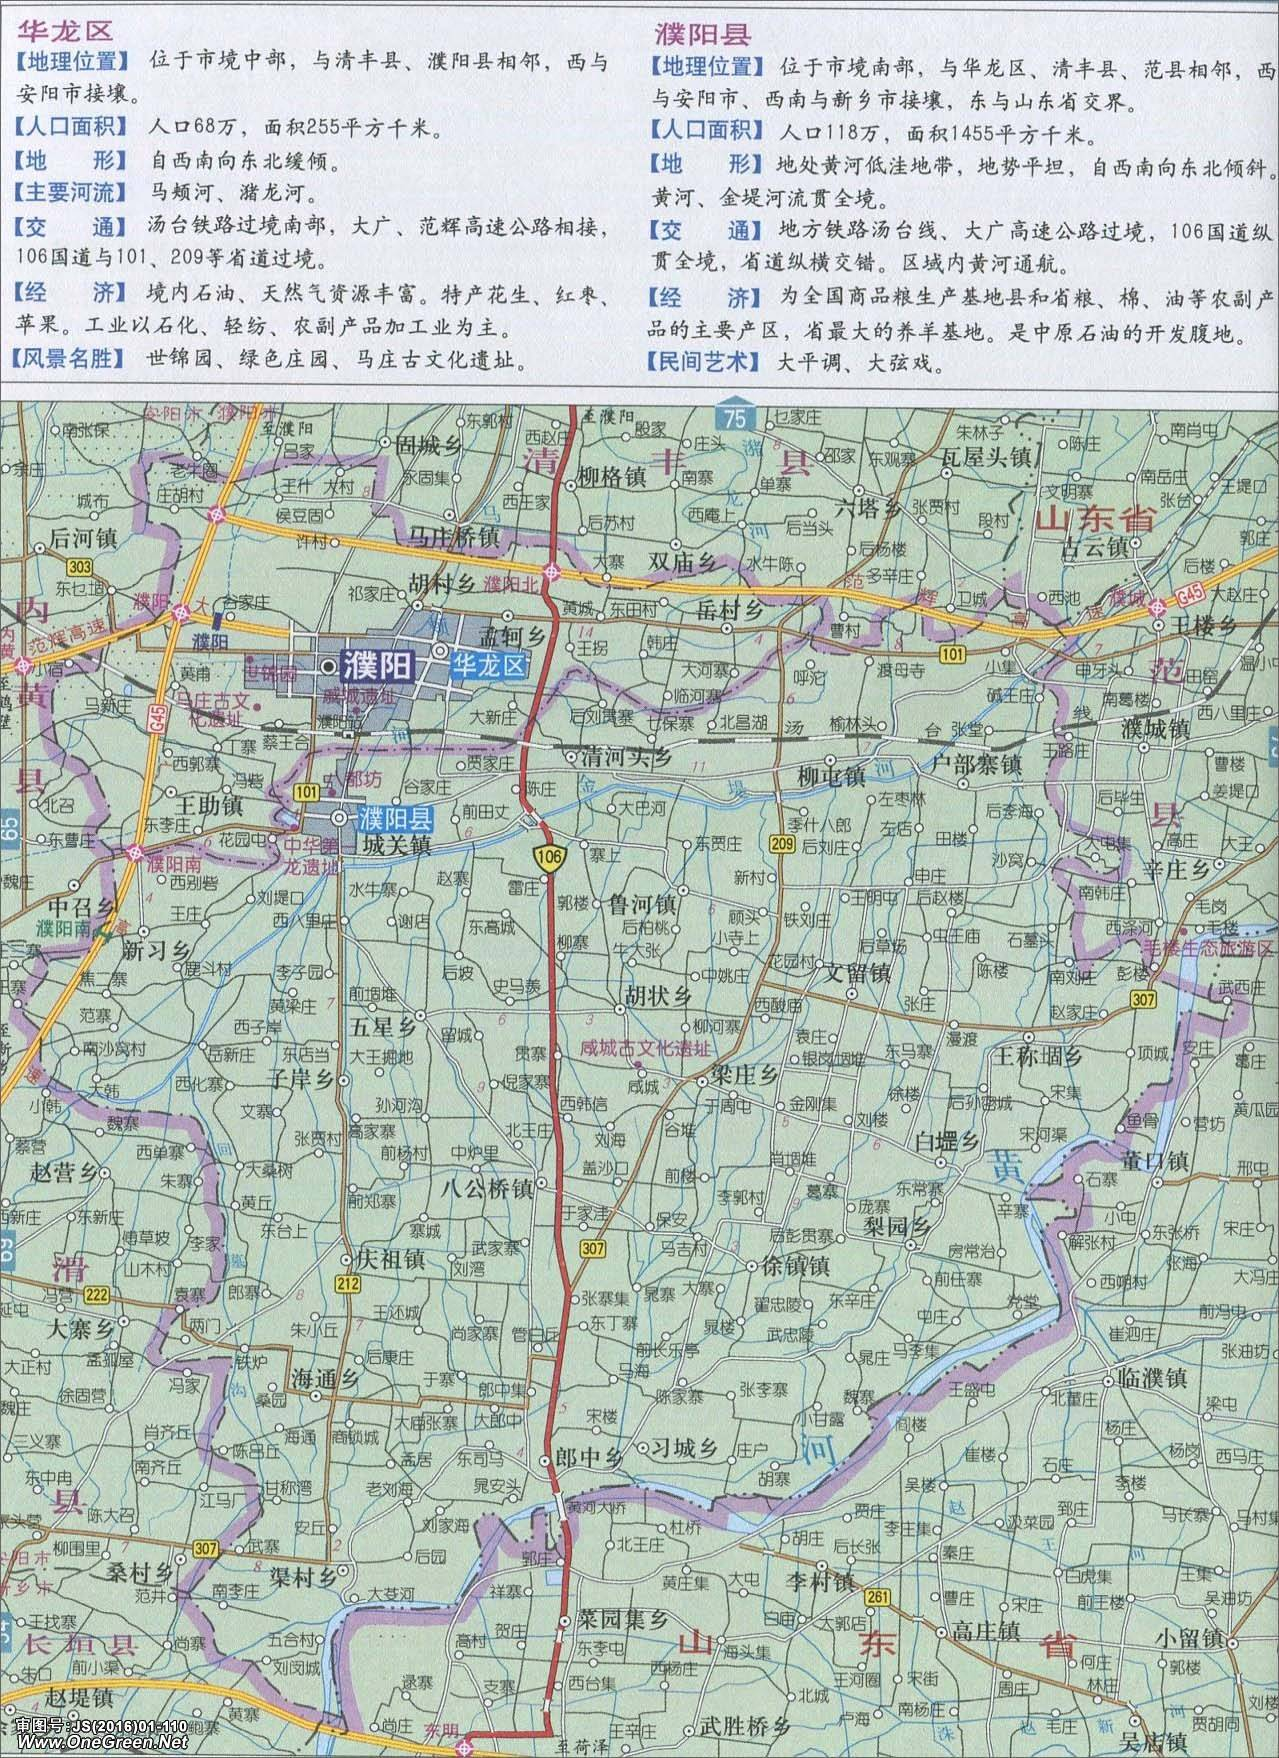 华龙区 濮阳县地图